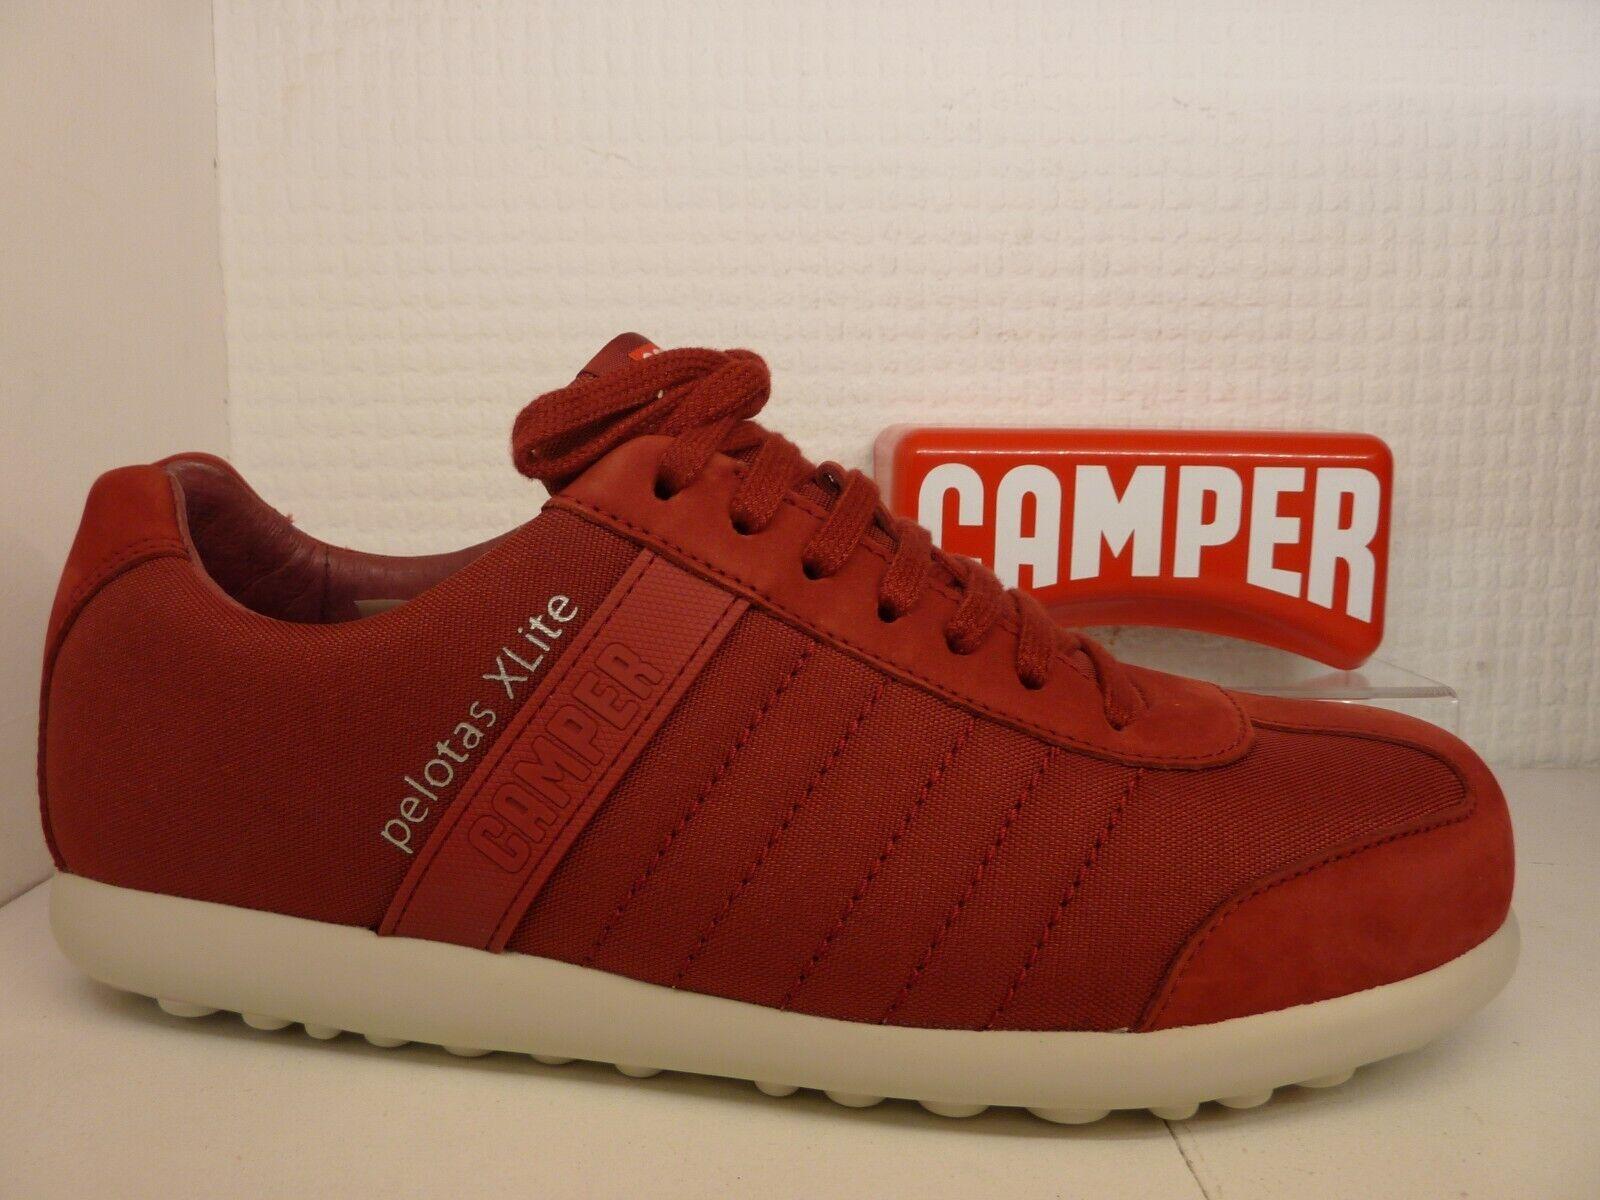 Camper pelotas xl 18302-111 Rubi Rojo de cuero de lona hombre entrenador Comodidad Zapato